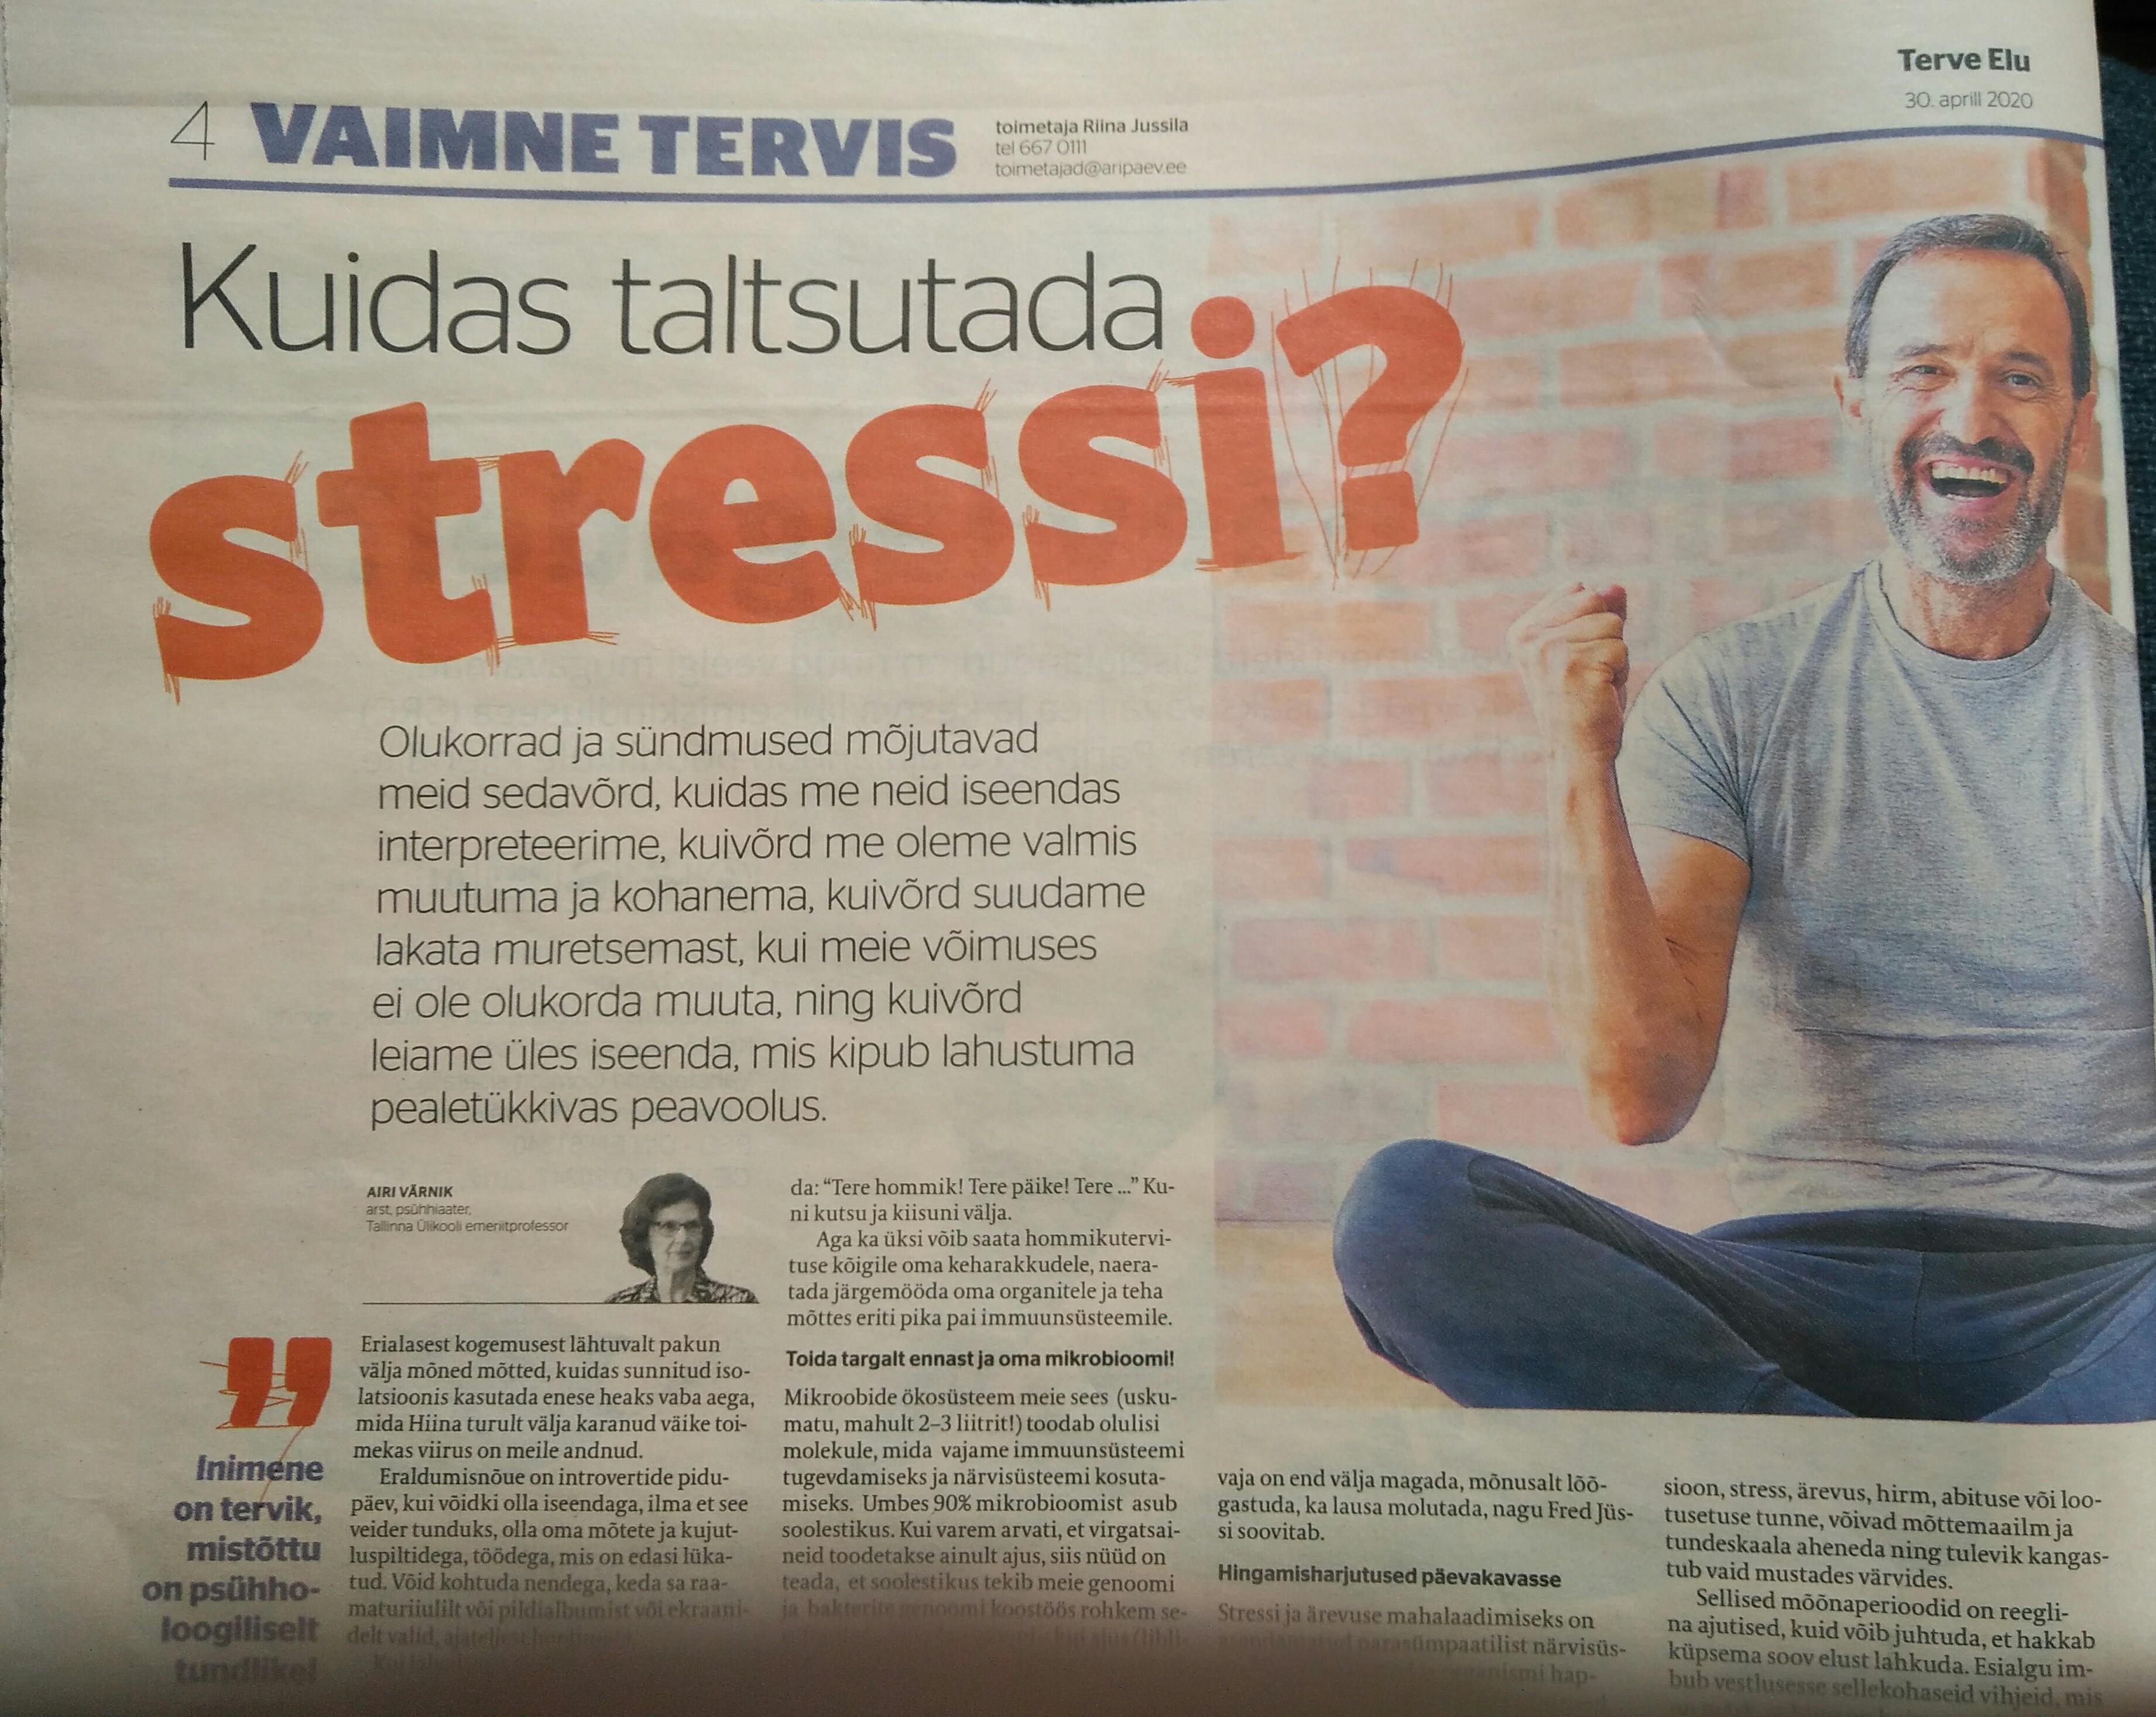 Kuidas taltsutada stressi?